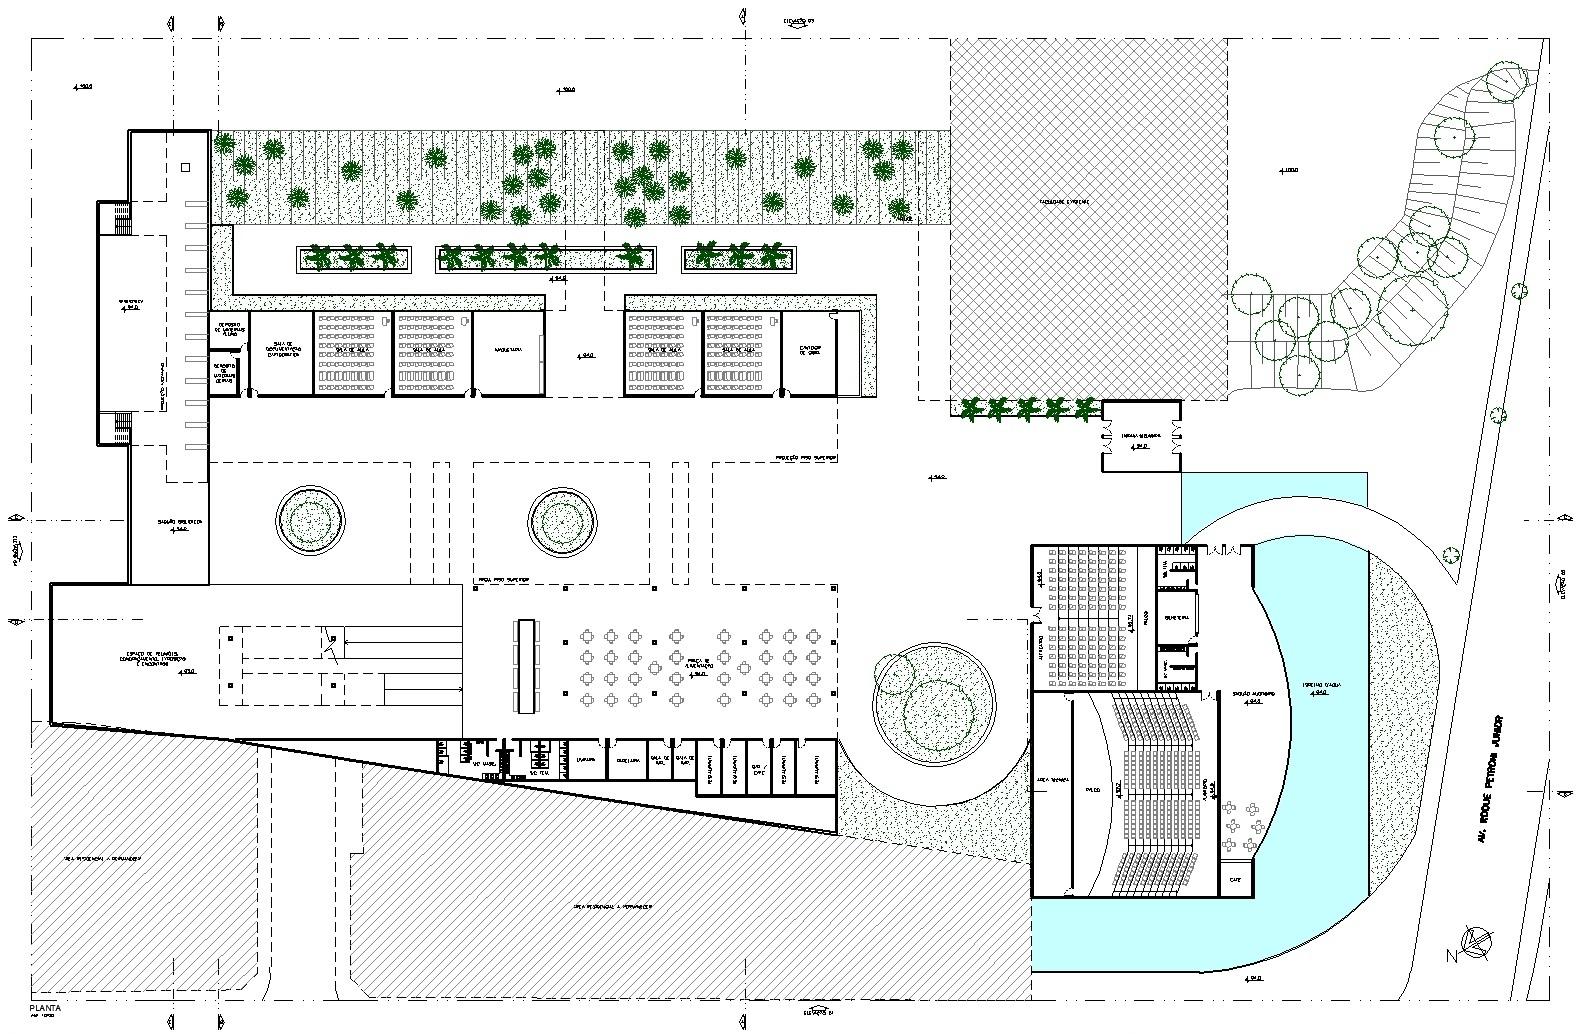 #346634 arquitetura desenvolvido no 4º semestre de arquitetura e urbanismo  1584x1034 px projeto de arquitetura para banheiro